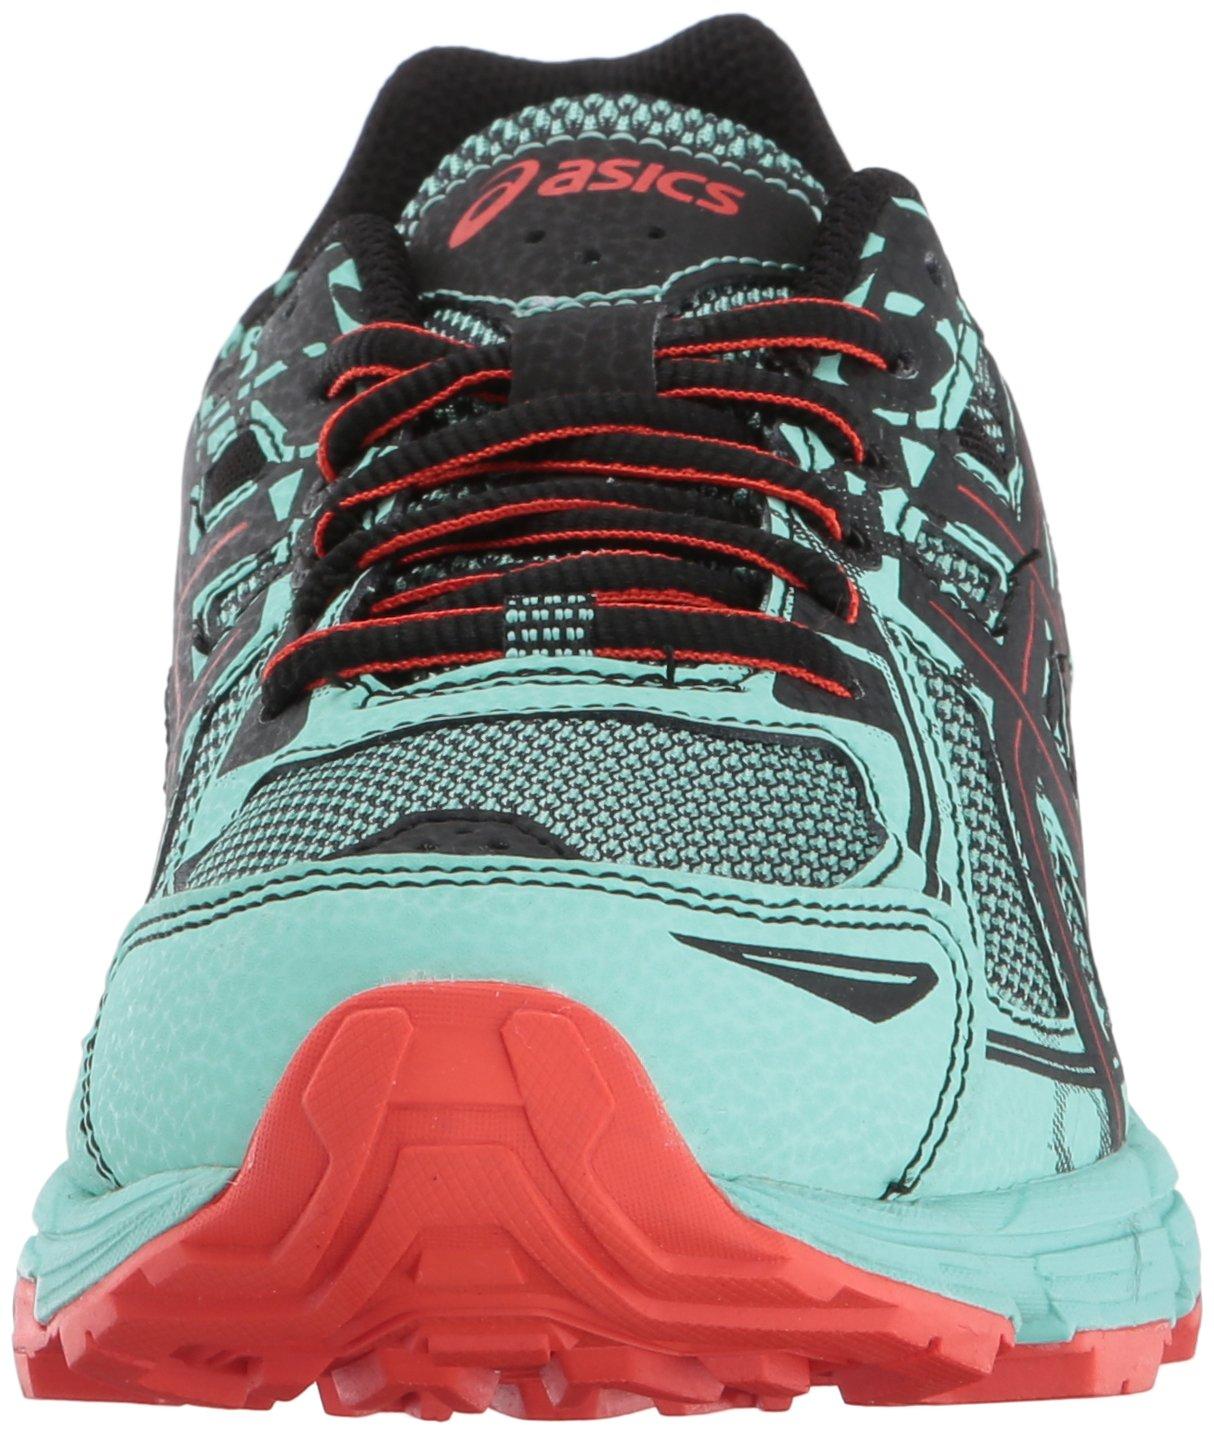 Zapatillas para for correr pour ASICS Gel Venture correr 6 pour for la glace 6002269 - deltaportal.info